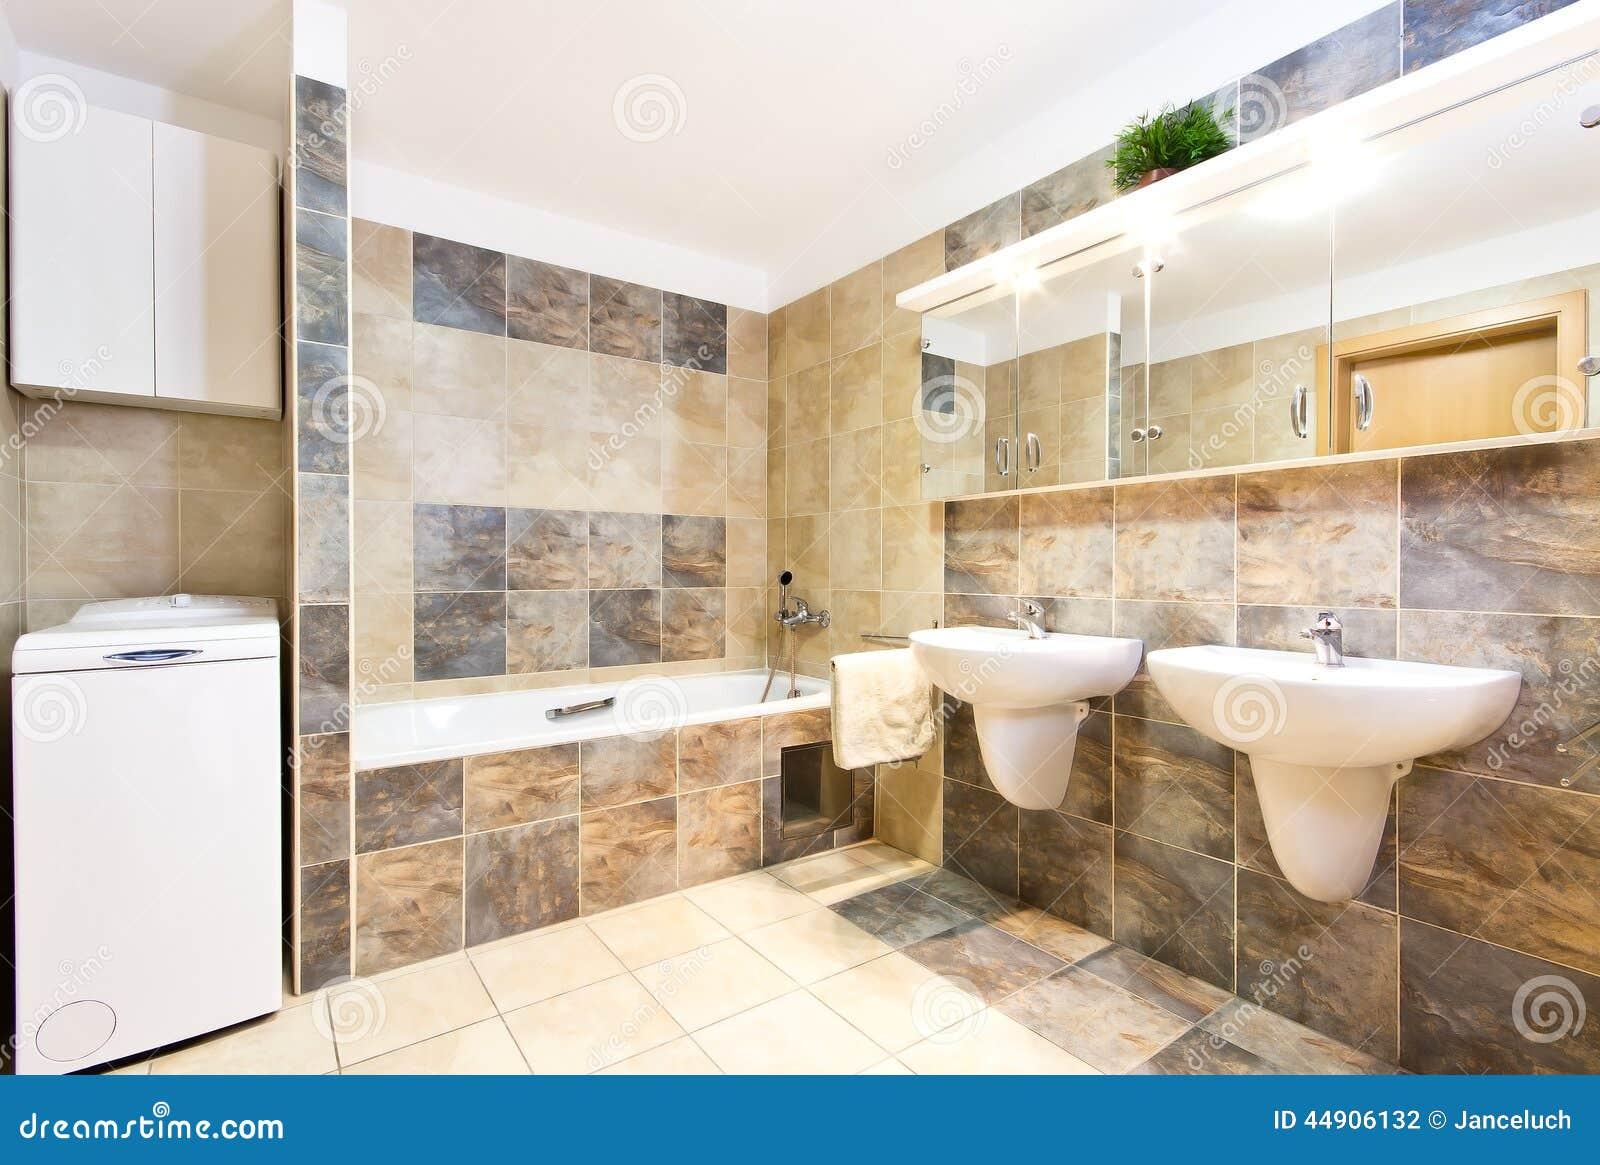 Cuarto De Baño Limpio Moderno Con Dos Lavabos Foto de ...